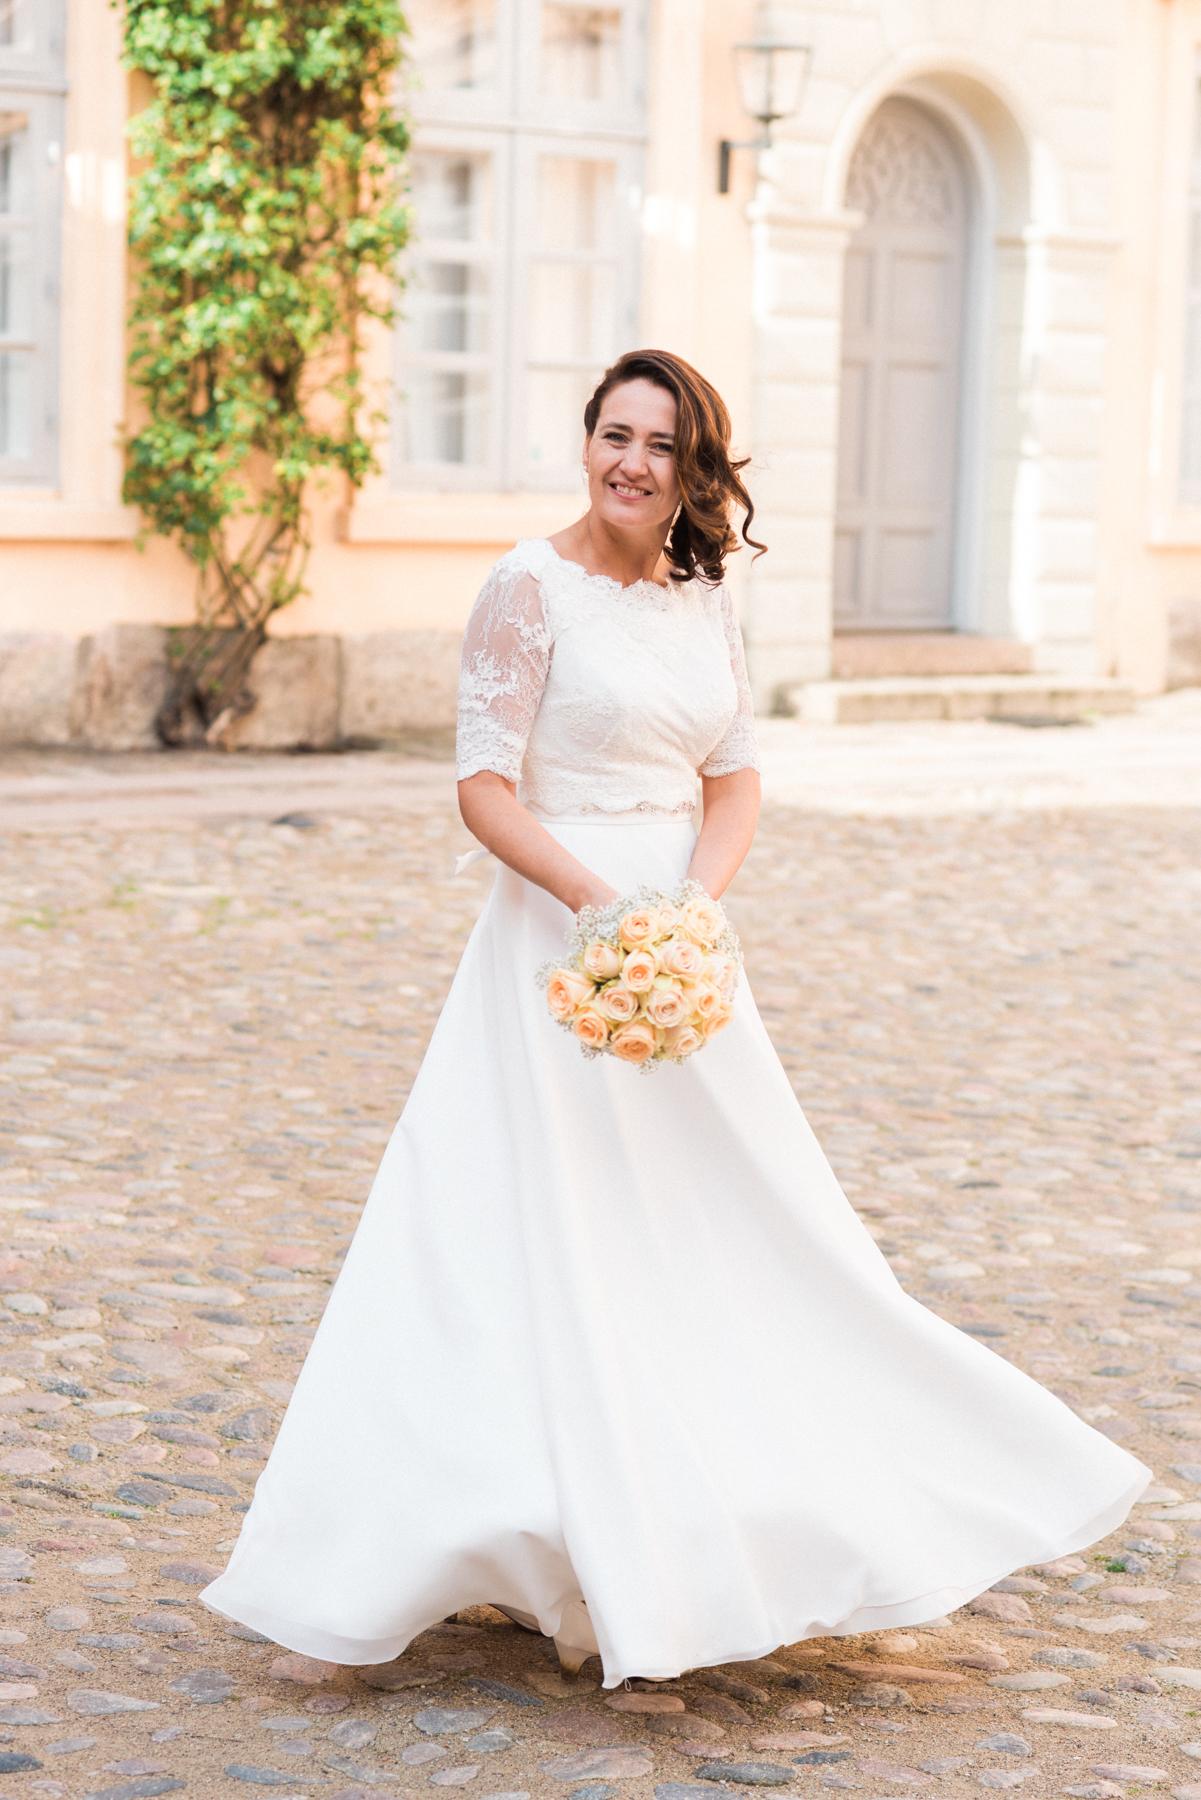 Bluhm-Hochzeitsfotograf-HochzeitamMeer-46.jpg